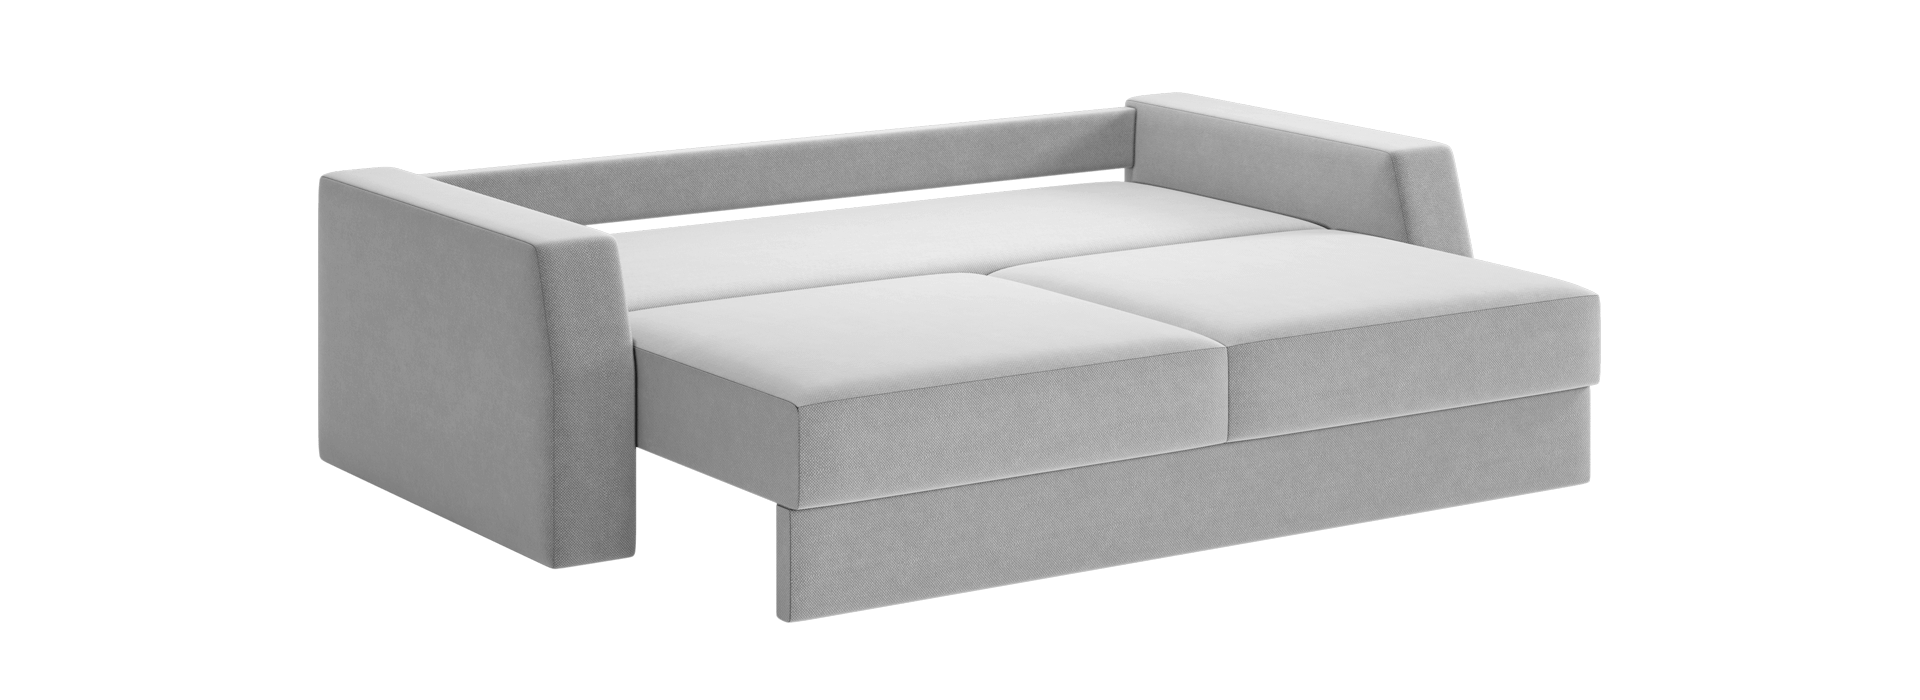 Марсель прямий диван - маска 3